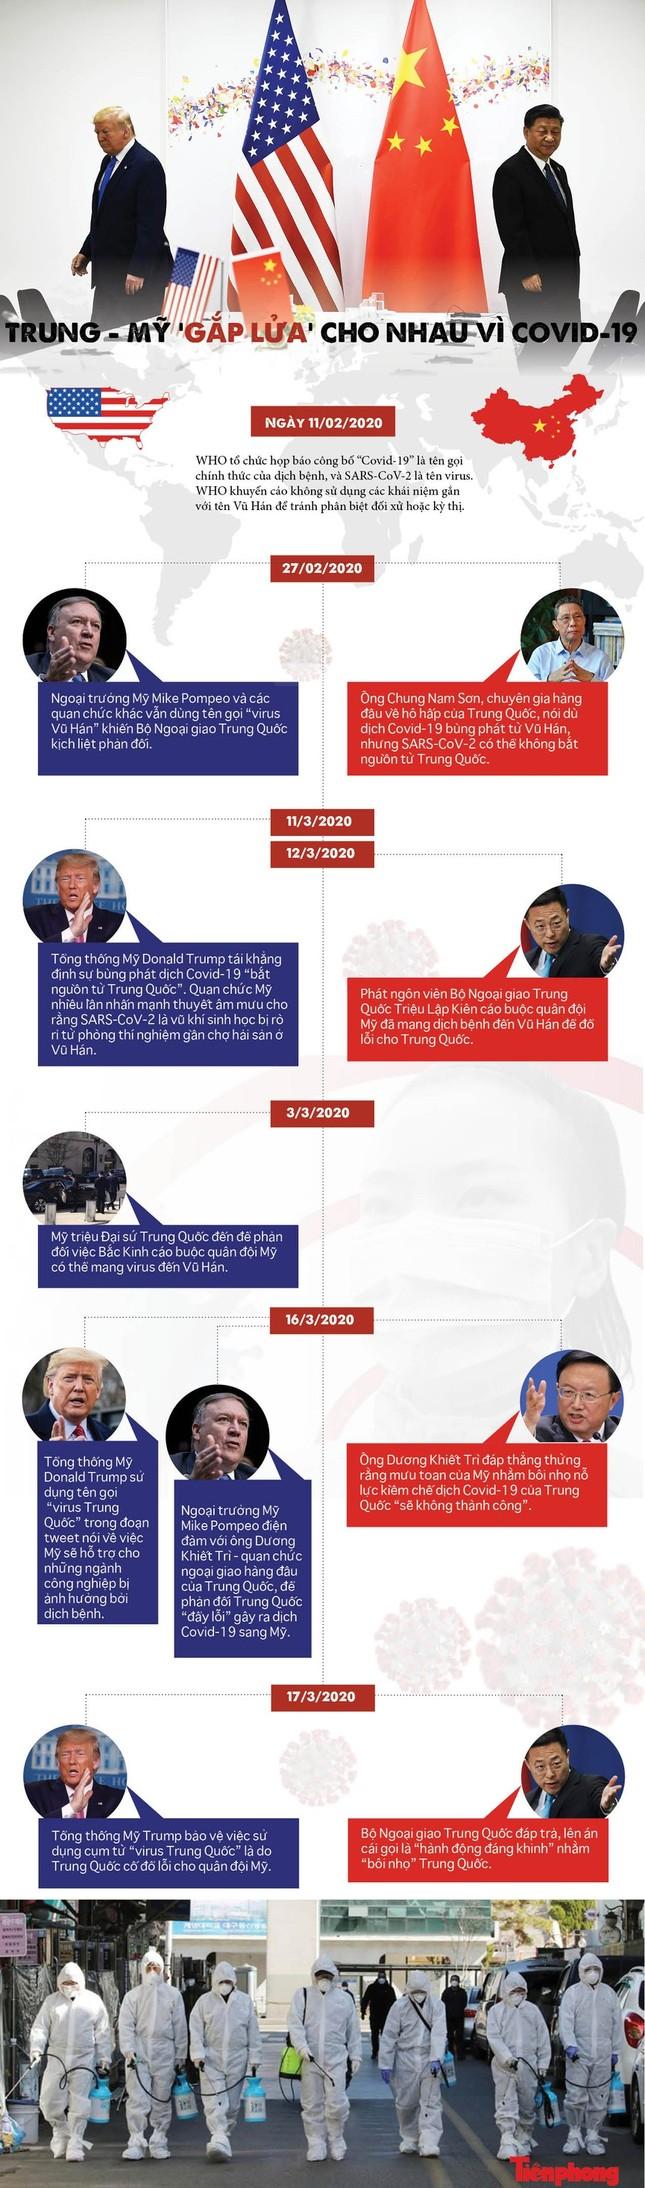 Ông Trump đổ lỗi cho Trung Quốc khiến Mỹ phản ứng chậm với Covid-19 ảnh 1